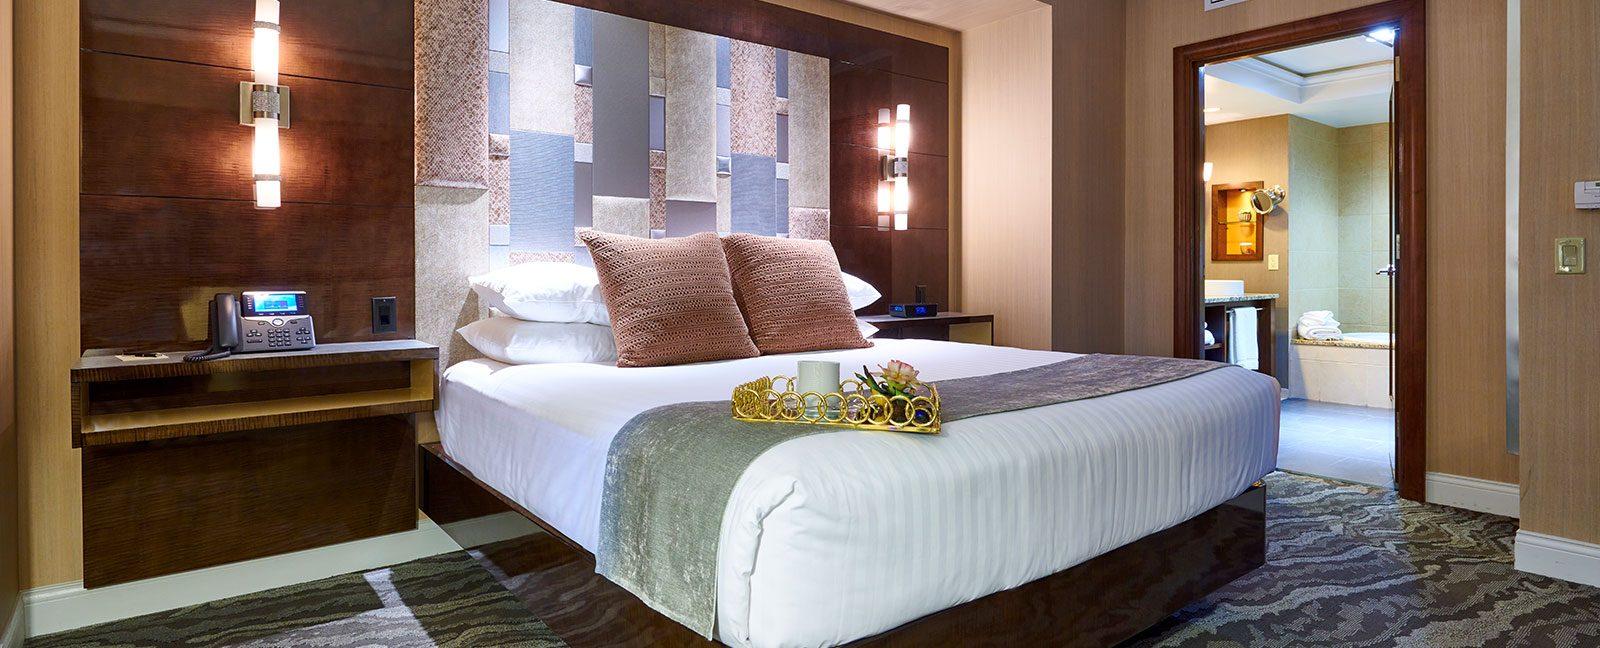 poconos bed and breakfast